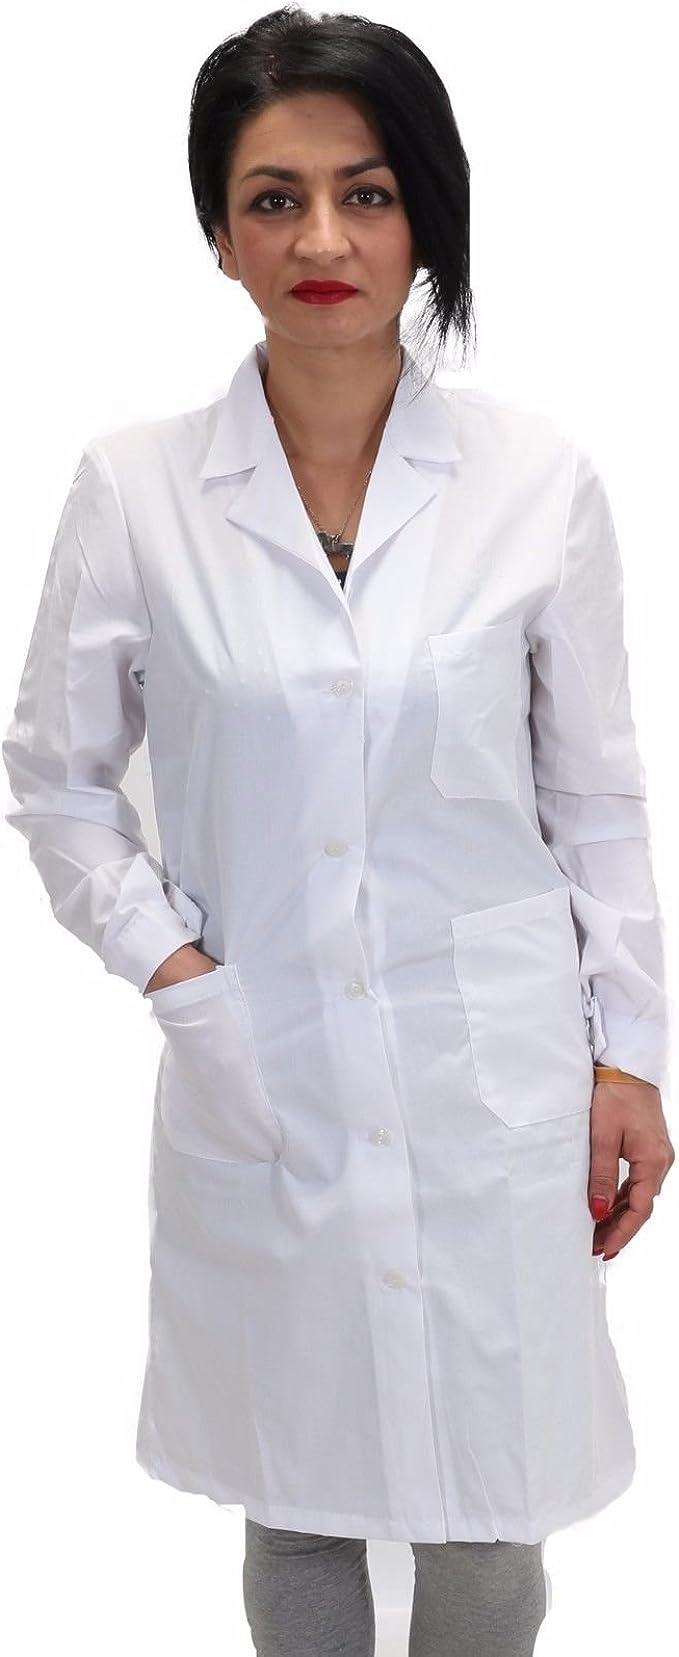 Petersabitidalavoro camisa de trabajo, blanco, laboratorio, escuela, para mujer hospitalario ligero mezcla algodón no-planchado blanco clásico largo: Amazon.es: Ropa y accesorios